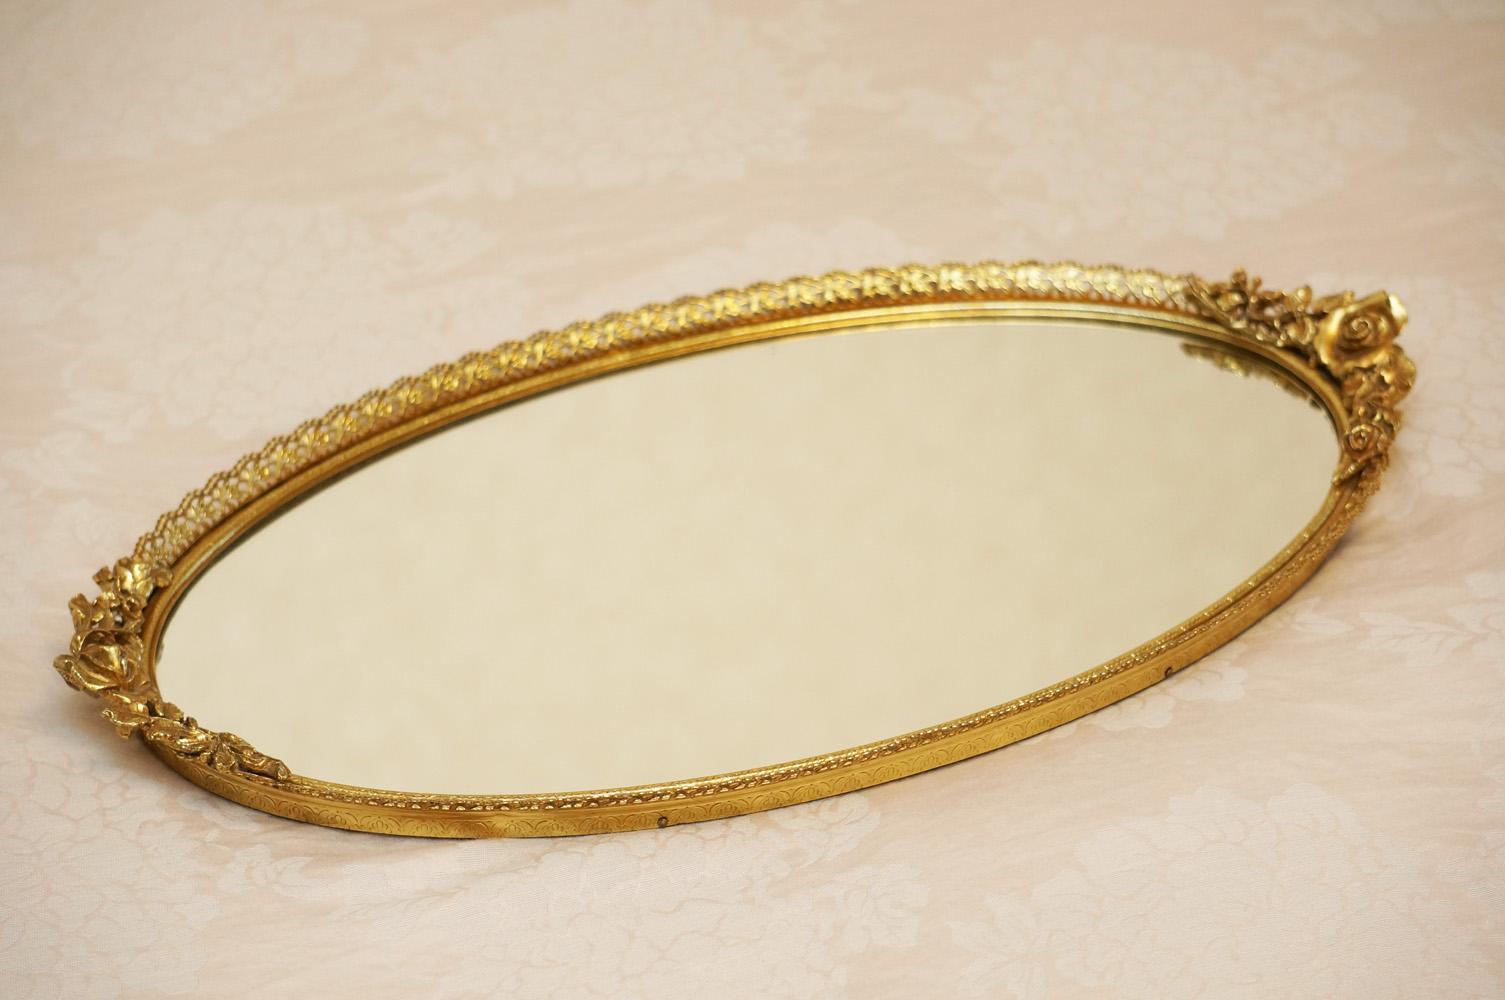 マトソン製 ゴールド ローズ オーバル バニティミラートレー